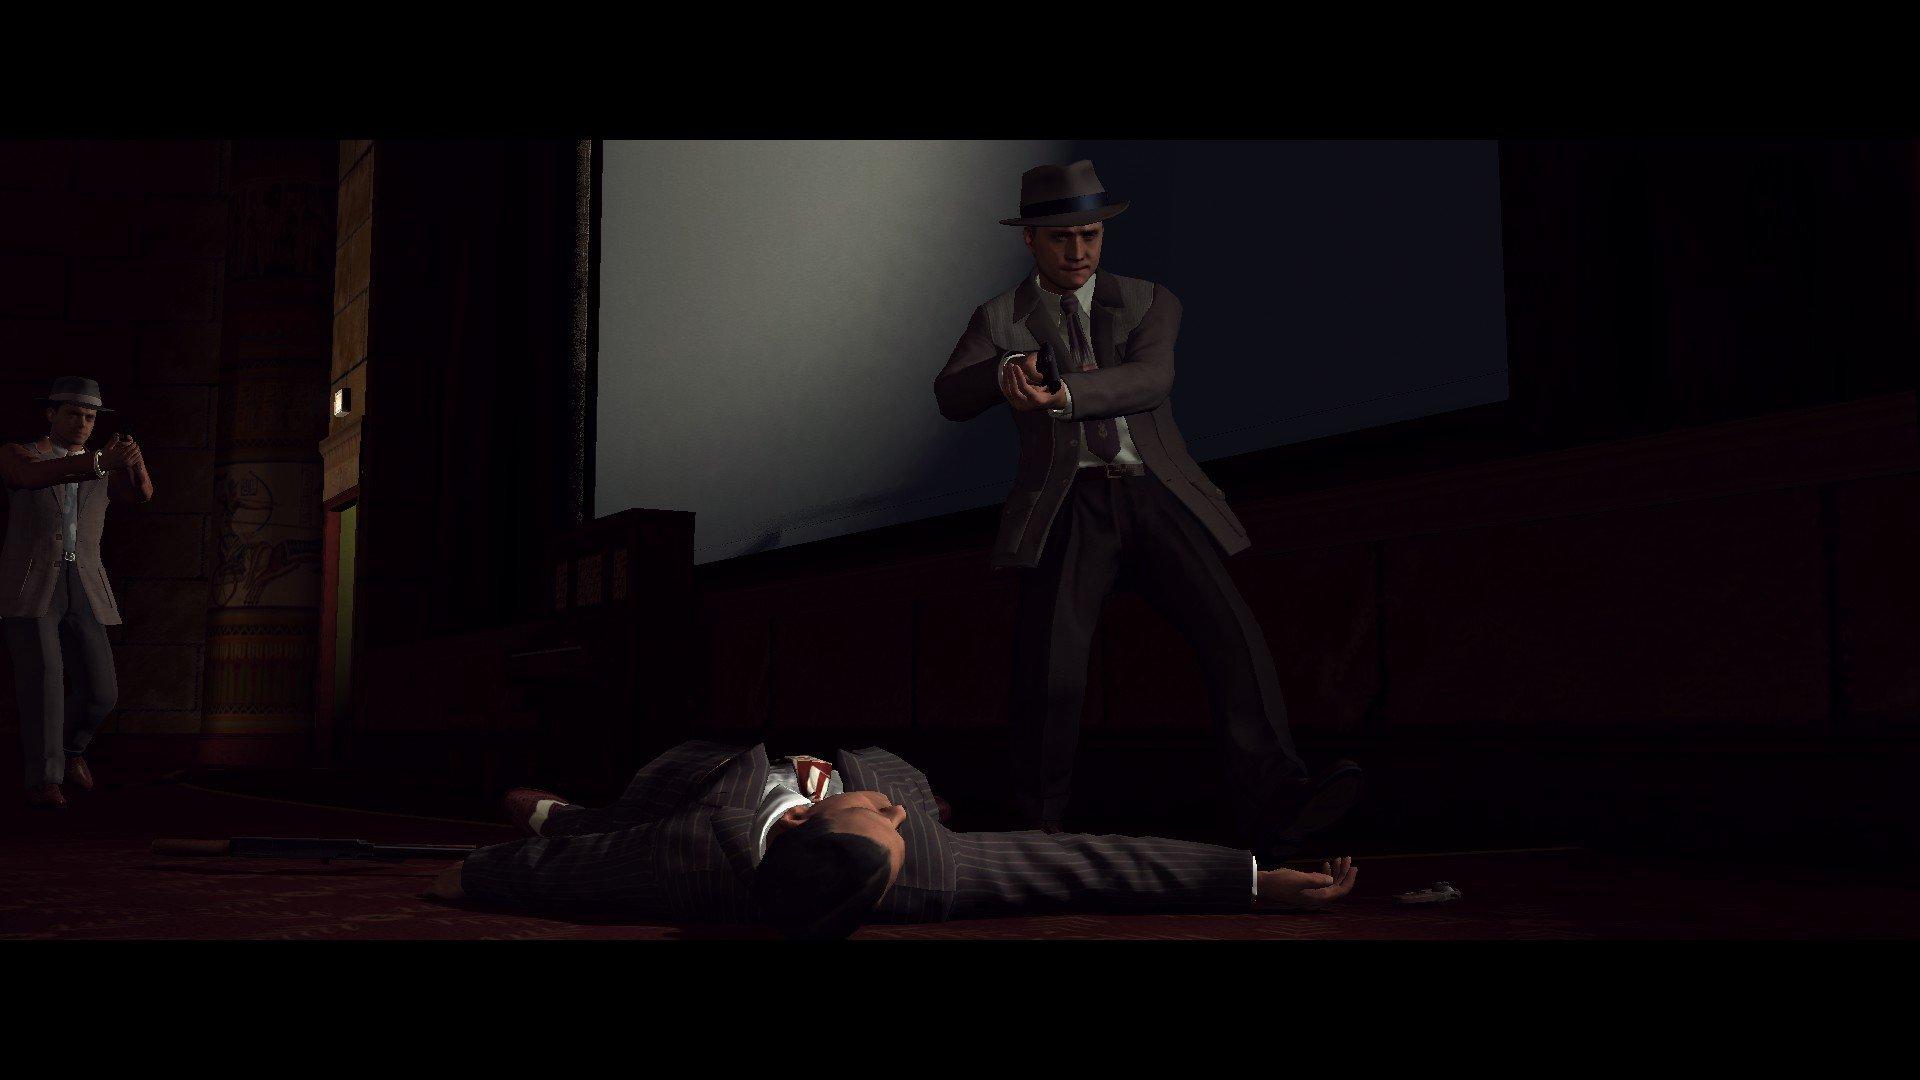 Пост-прохождение L.A. Noire Часть 16 - Изображение 70